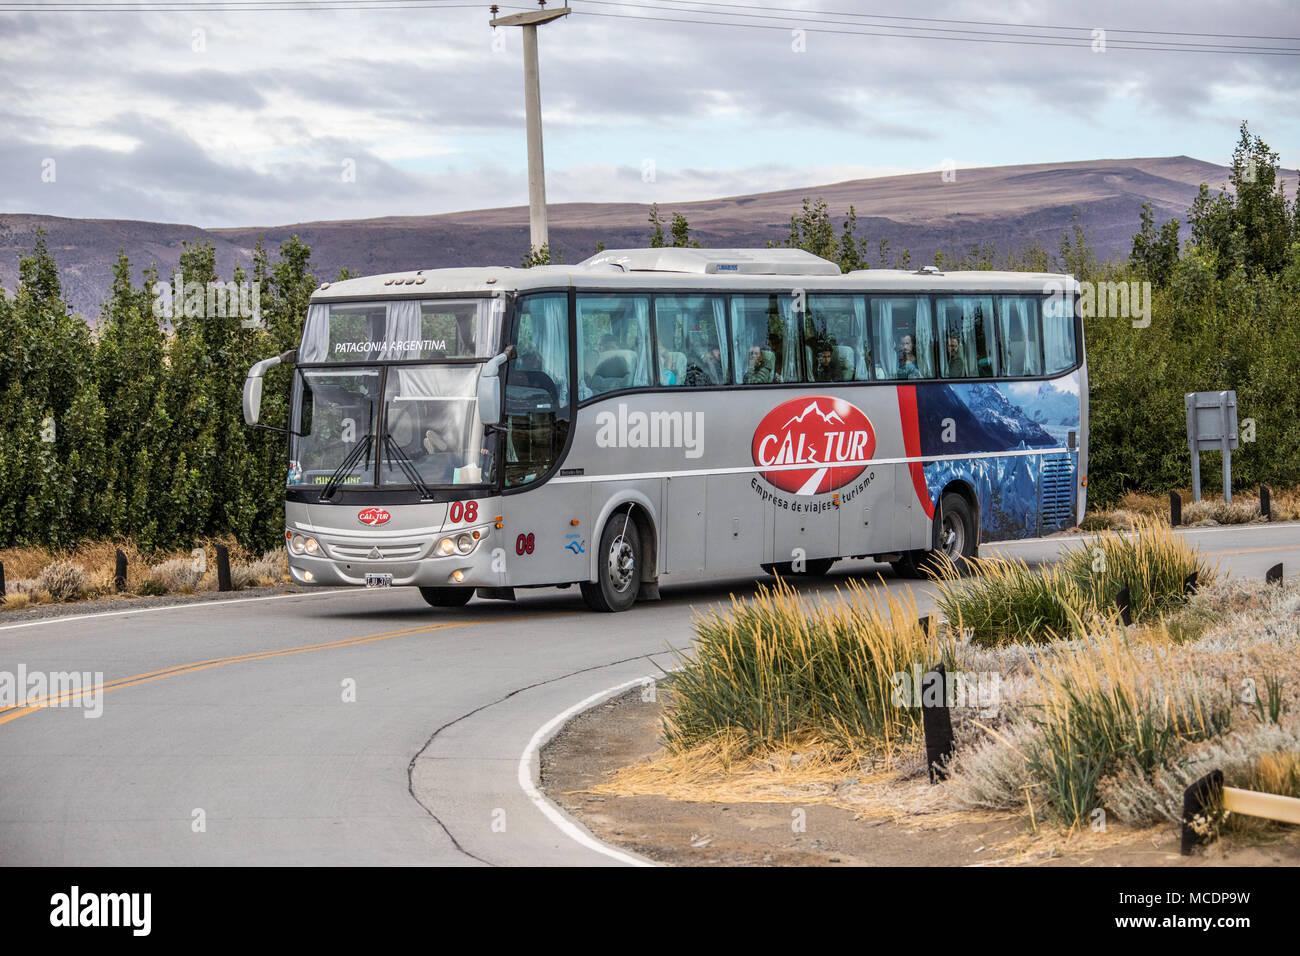 Cal Tur tourist bus, El Calafate, Argentina - Stock Image